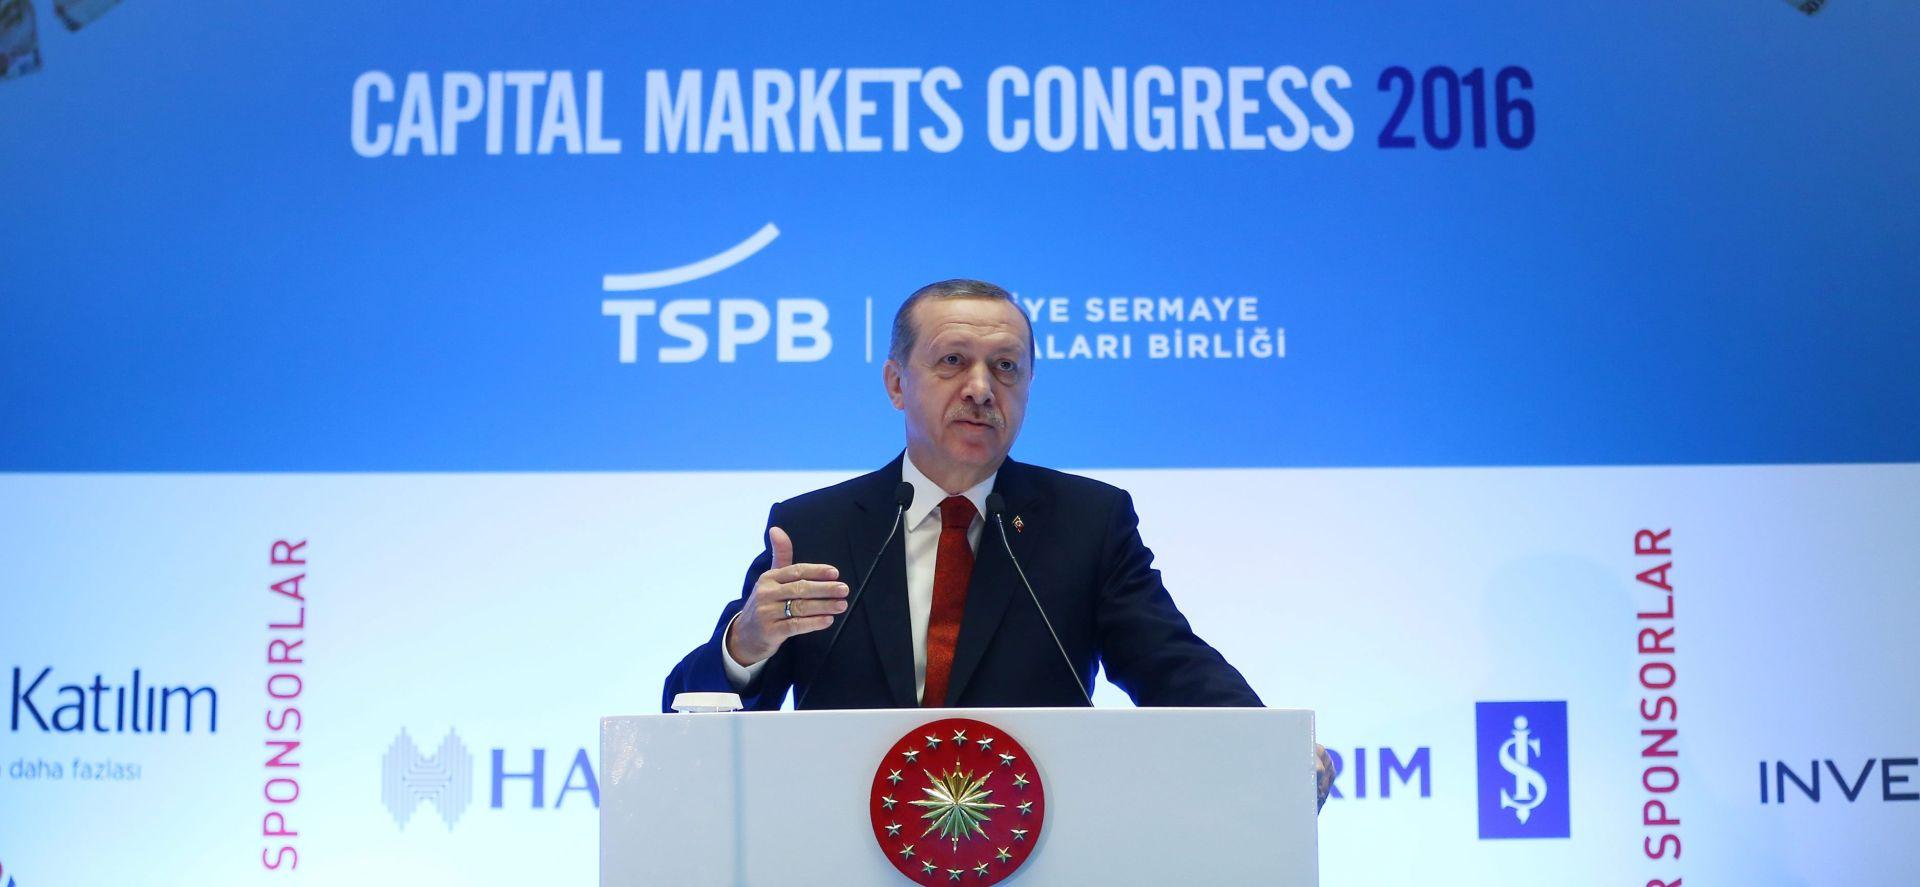 USTAVNA REFORMA U TURKOJ: Uz odobrenje parlamenta referendum moguć početkom ljeta